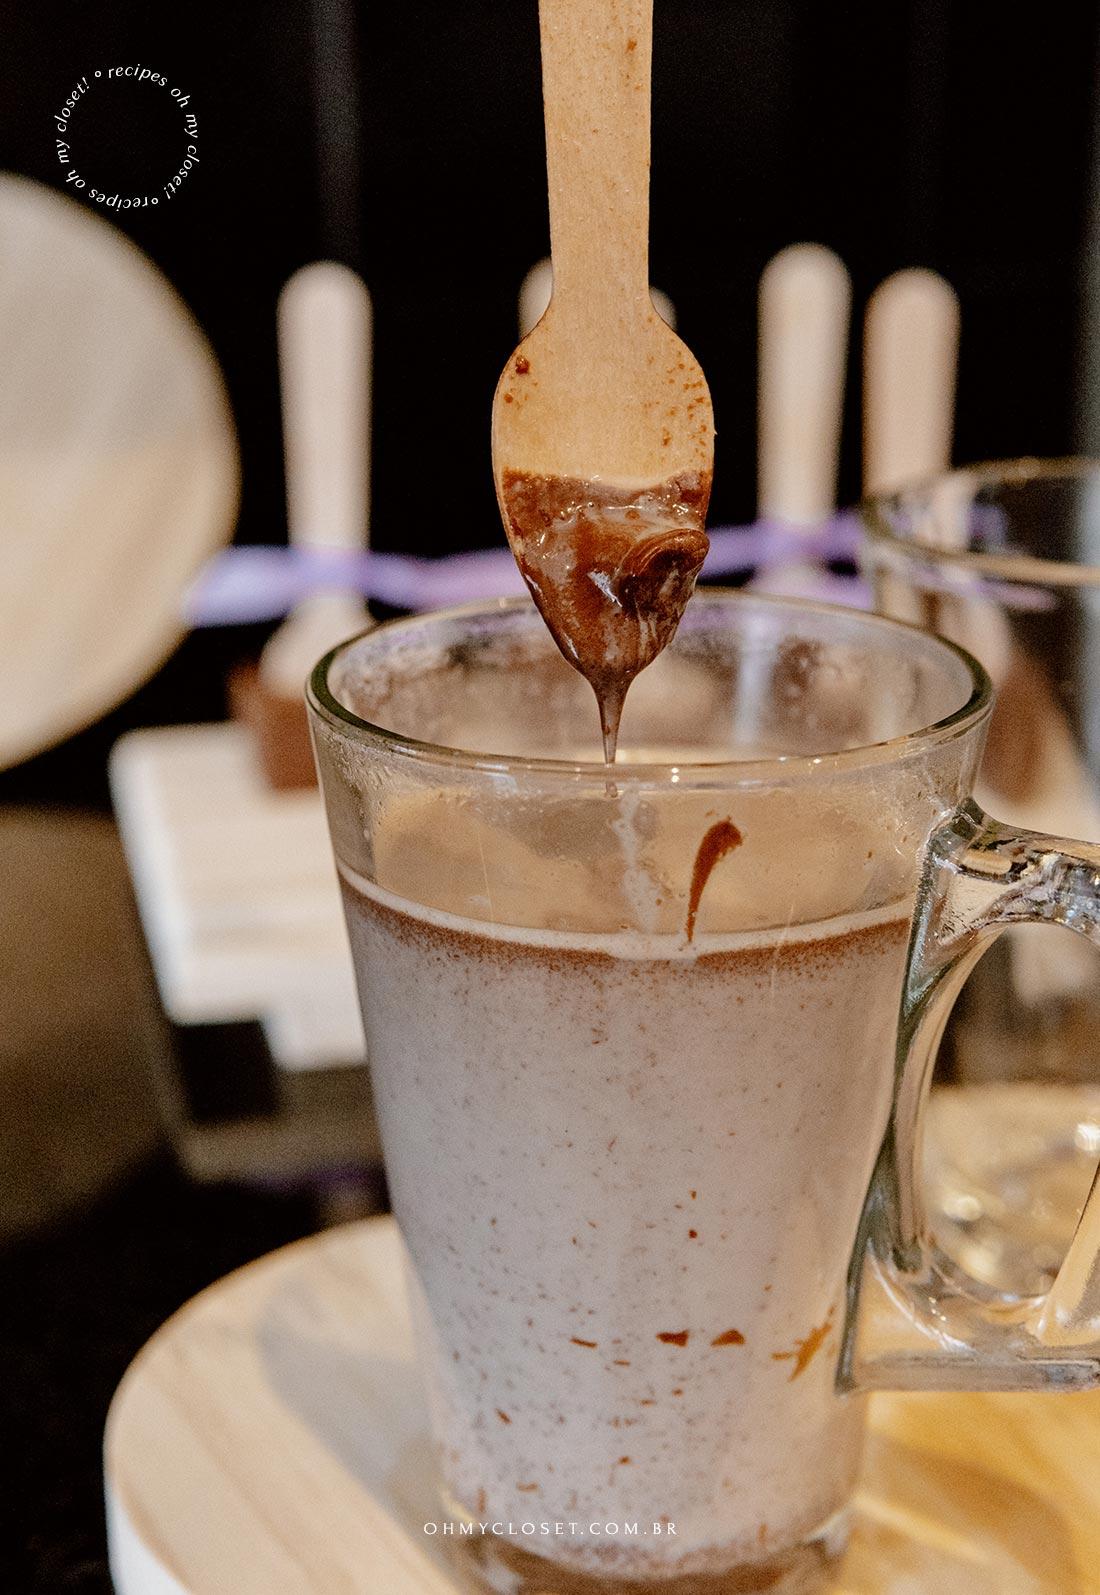 Chocolate quente no palito quase pronto.